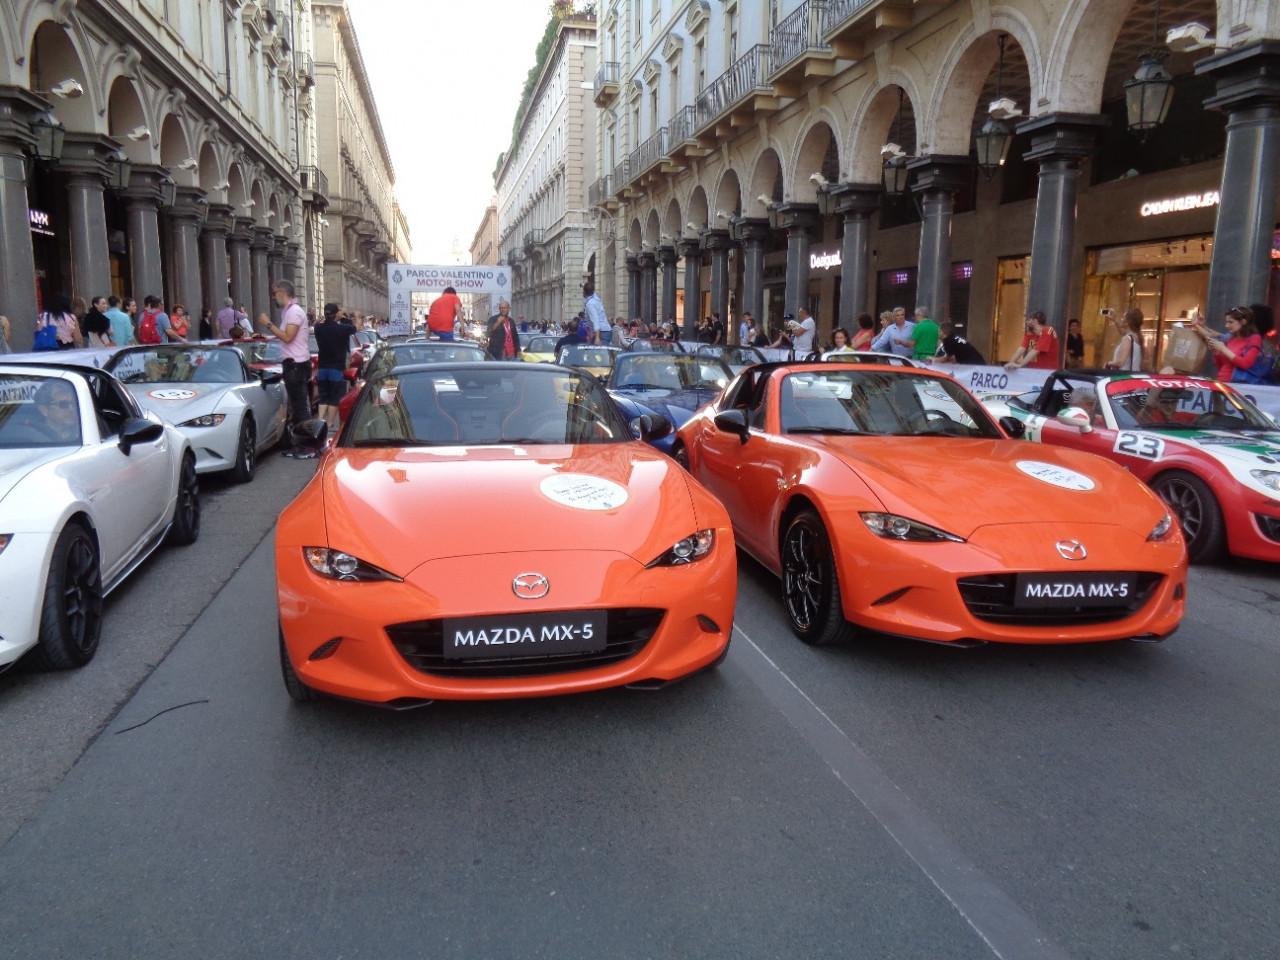 EVENT: Mazda celebrates Roadster's 30th anniversary in Turin